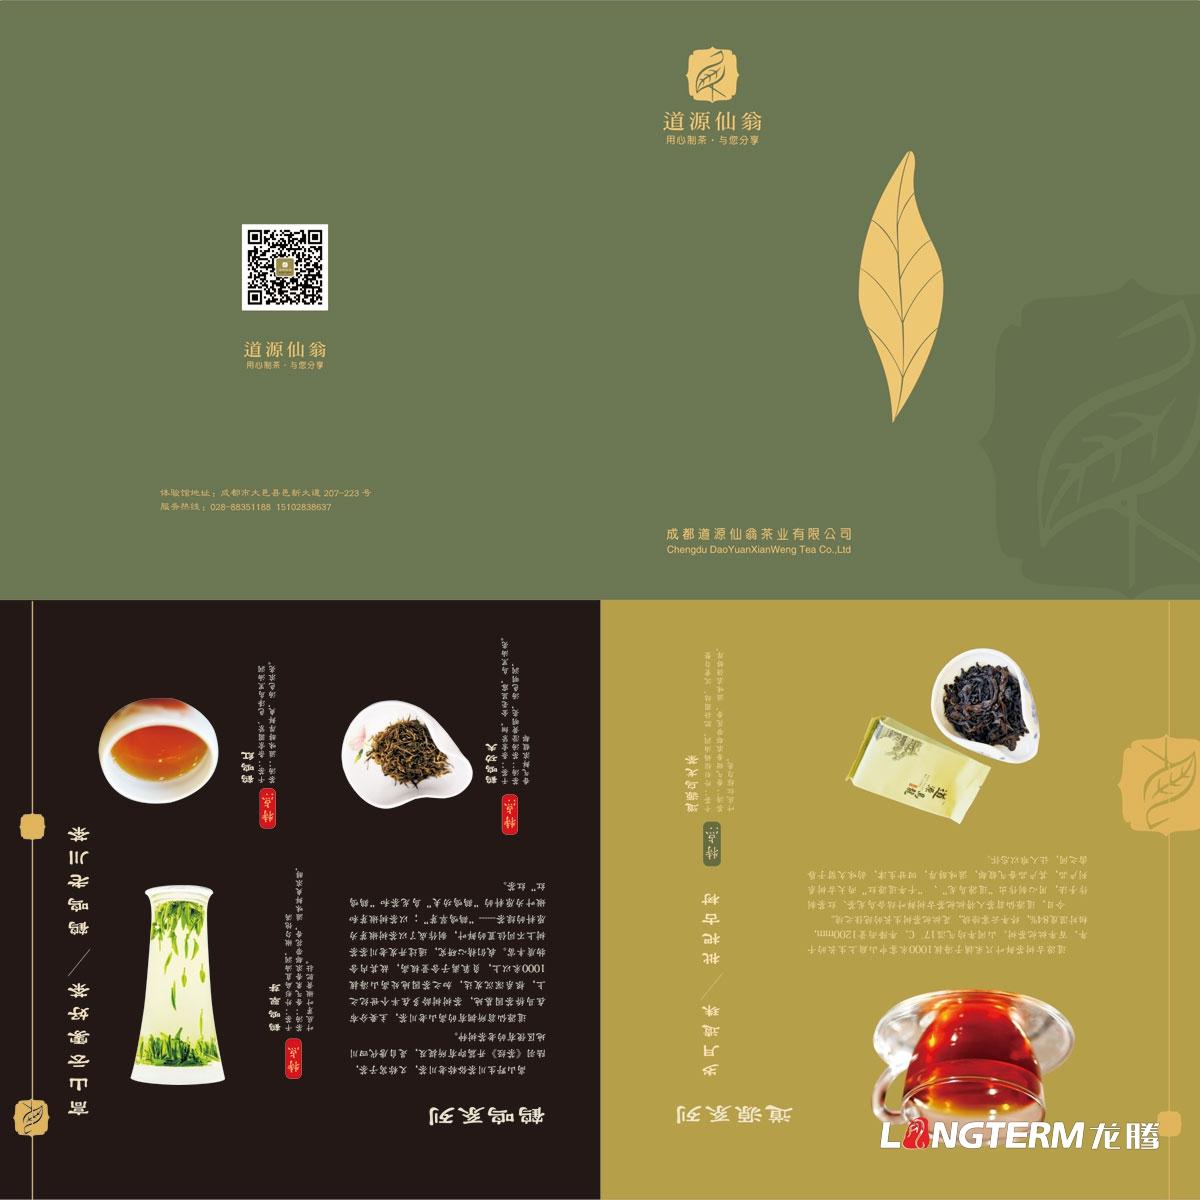 成都道源仙翁茶业有限公司三折页广告物料设计_茶叶公司宣传折页设计_大邑县茶叶公司广告宣传物料设计公司